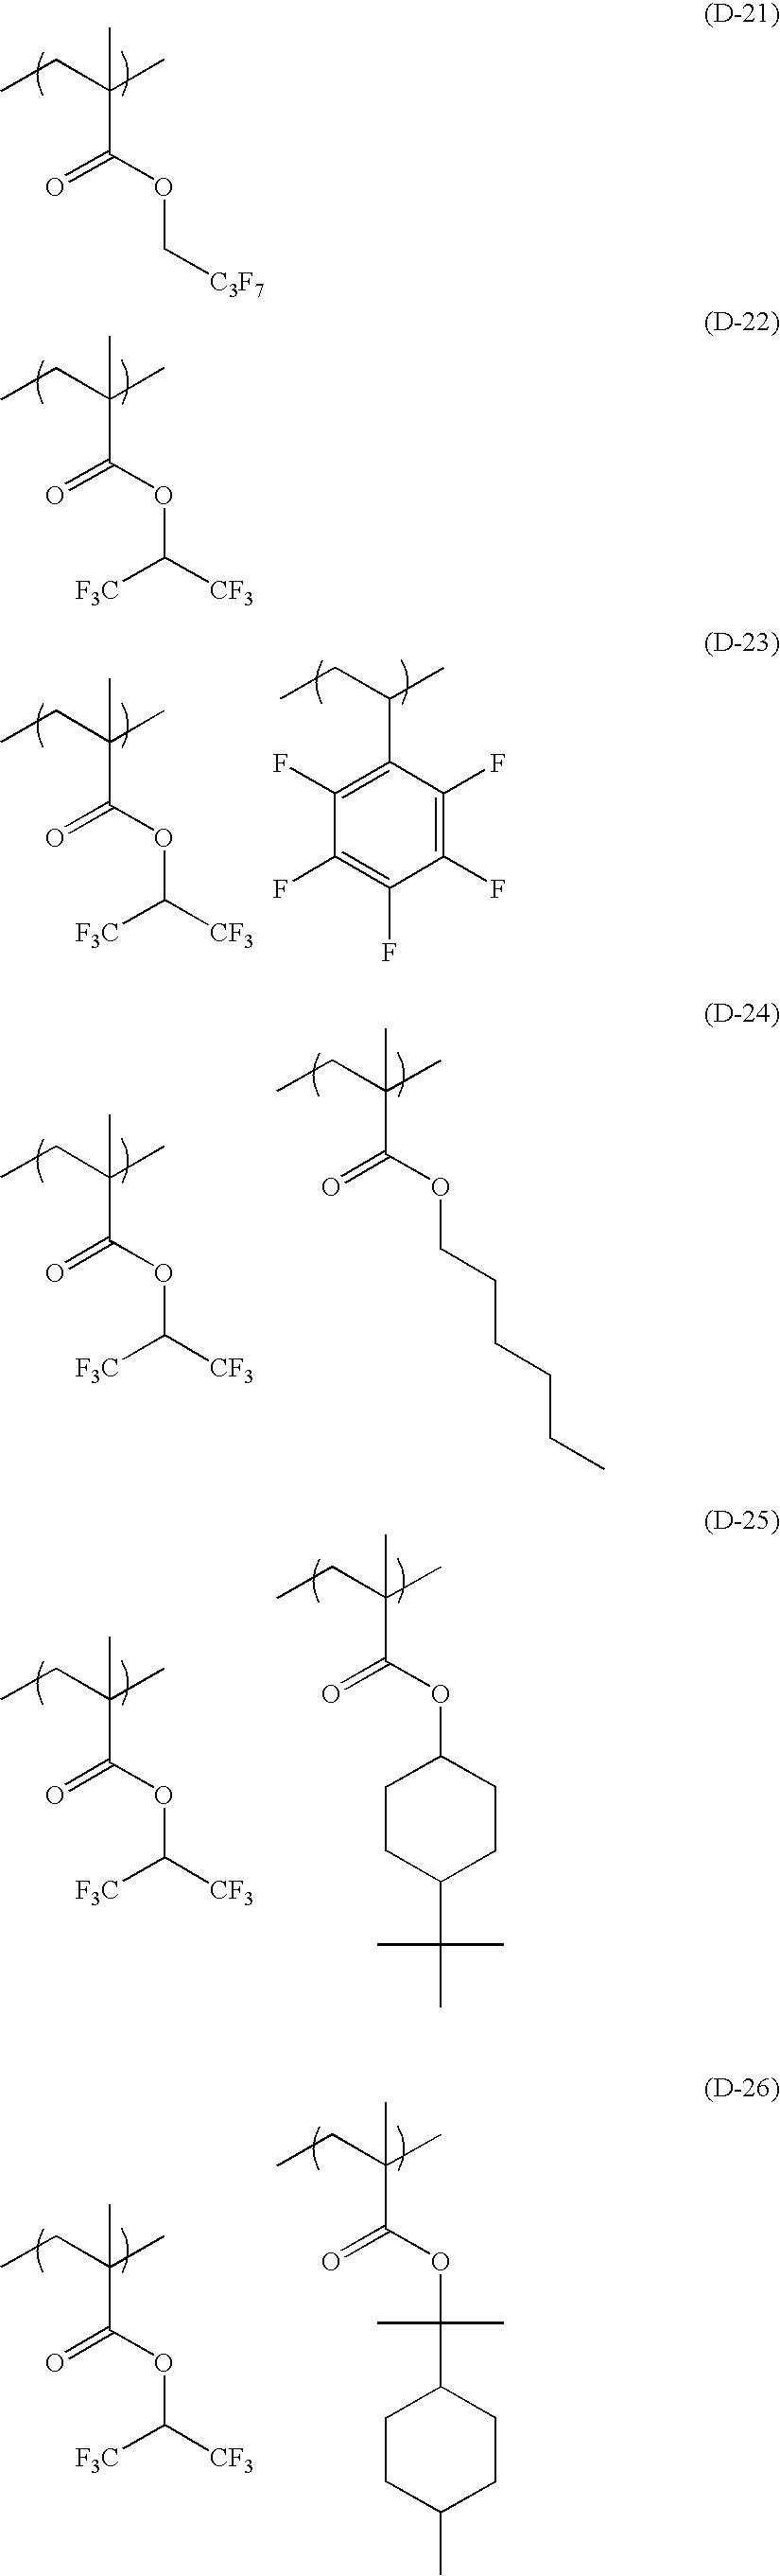 Figure US08017298-20110913-C00087